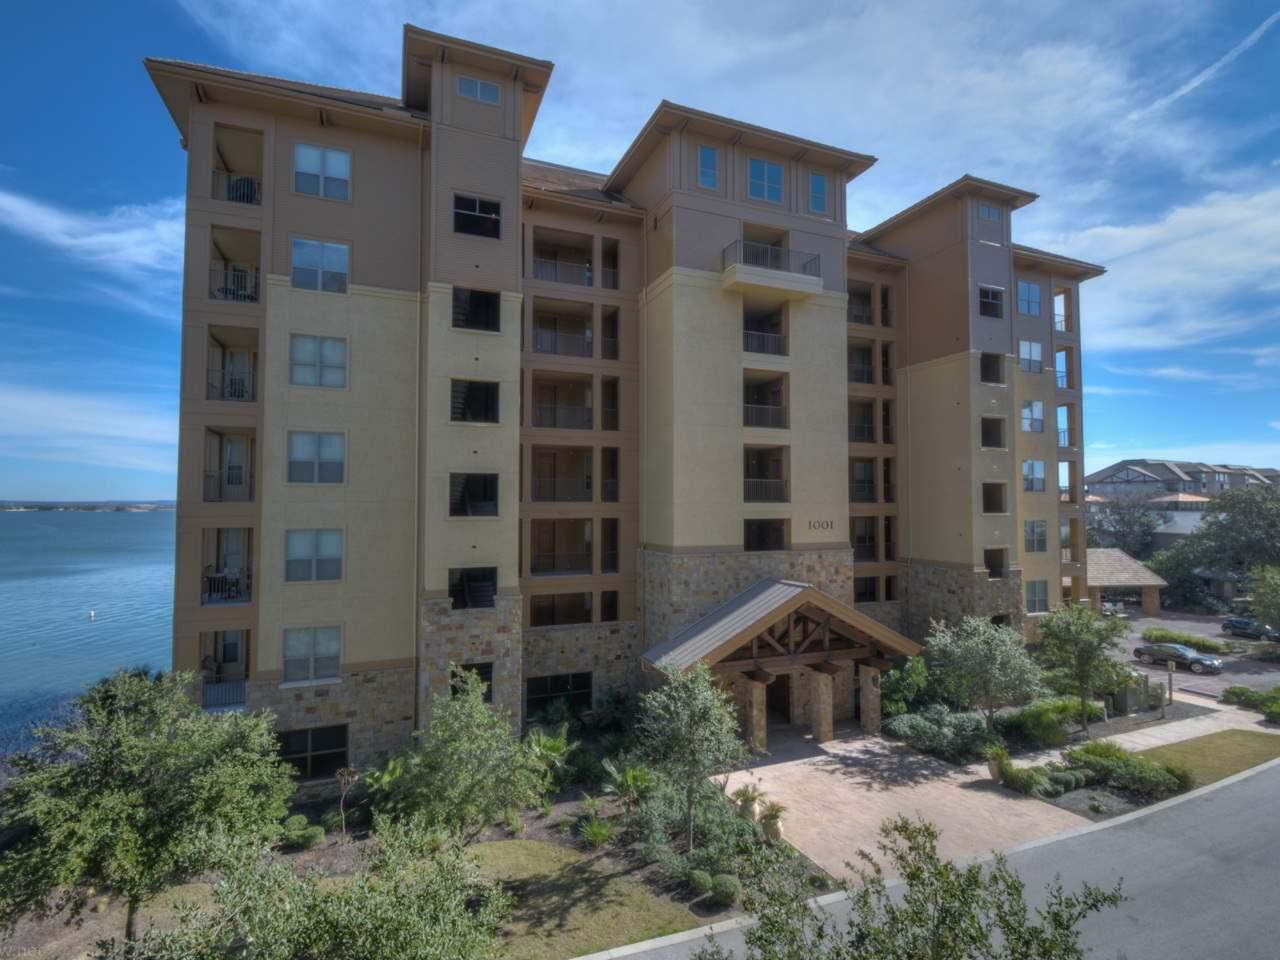 Condominio por un Venta en 1001 The Cape #31 1001 The Cape #31 Horseshoe Bay, Texas 78657 Estados Unidos